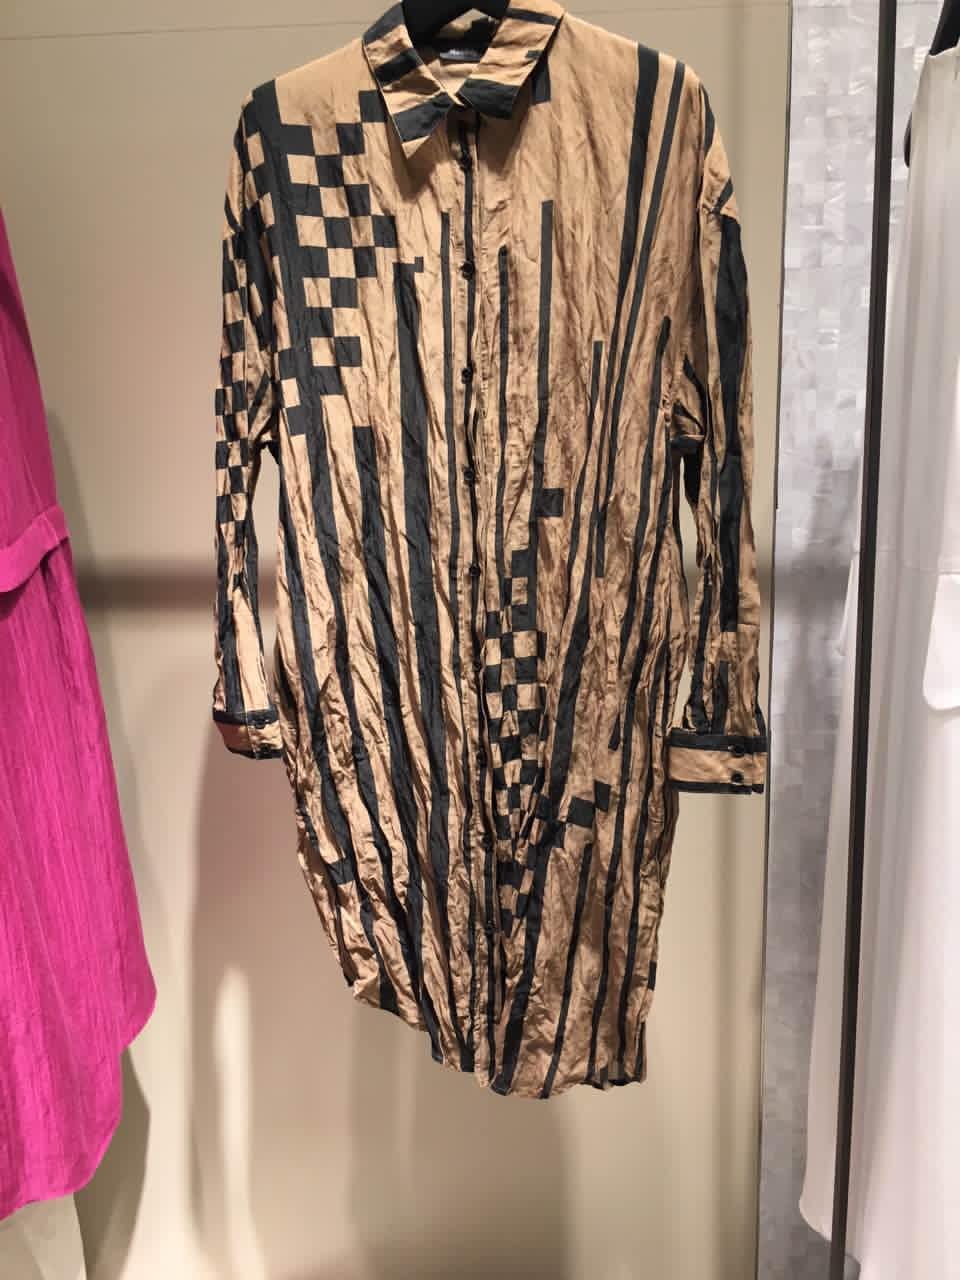 玛丝菲尔代购 玛丝菲尔 专柜正品代购 2016秋款专连衣裙 A11630676 2880_推荐淘宝好看的玛丝菲尔代购